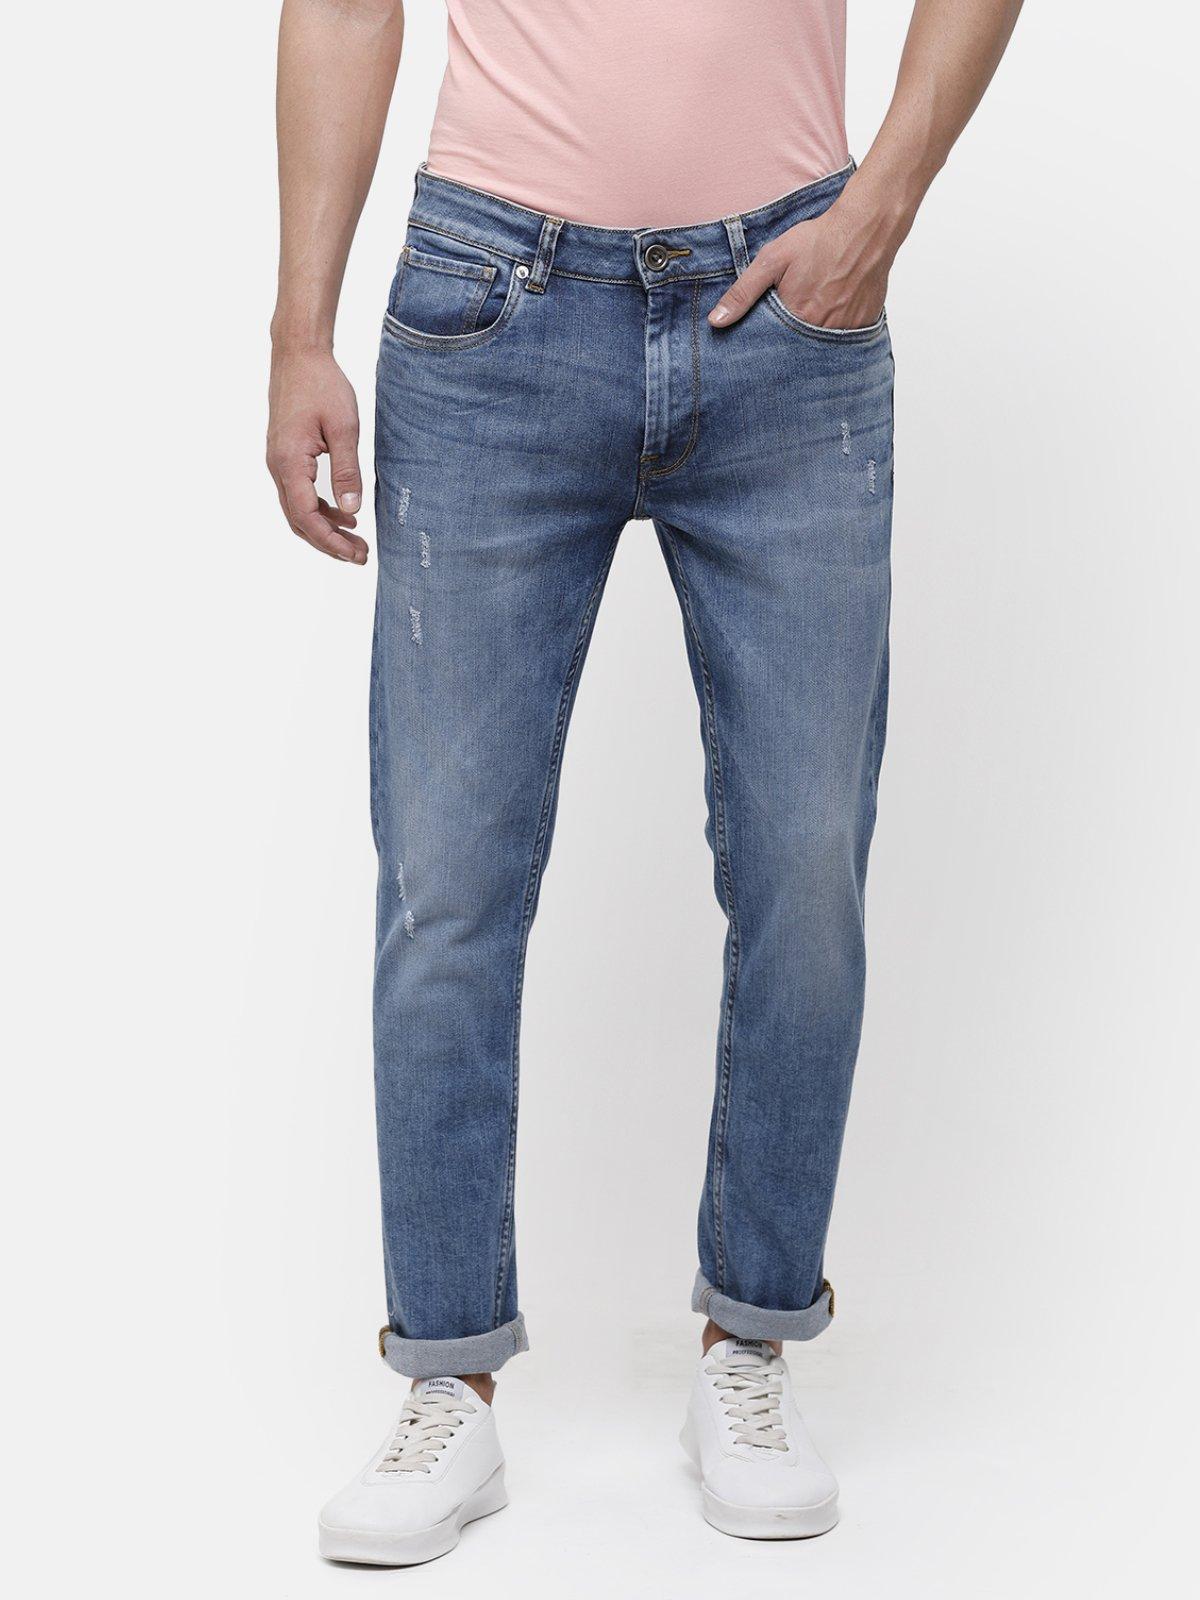 Voi Jeans | Mid-Blue Jeans (VOJN1538 )